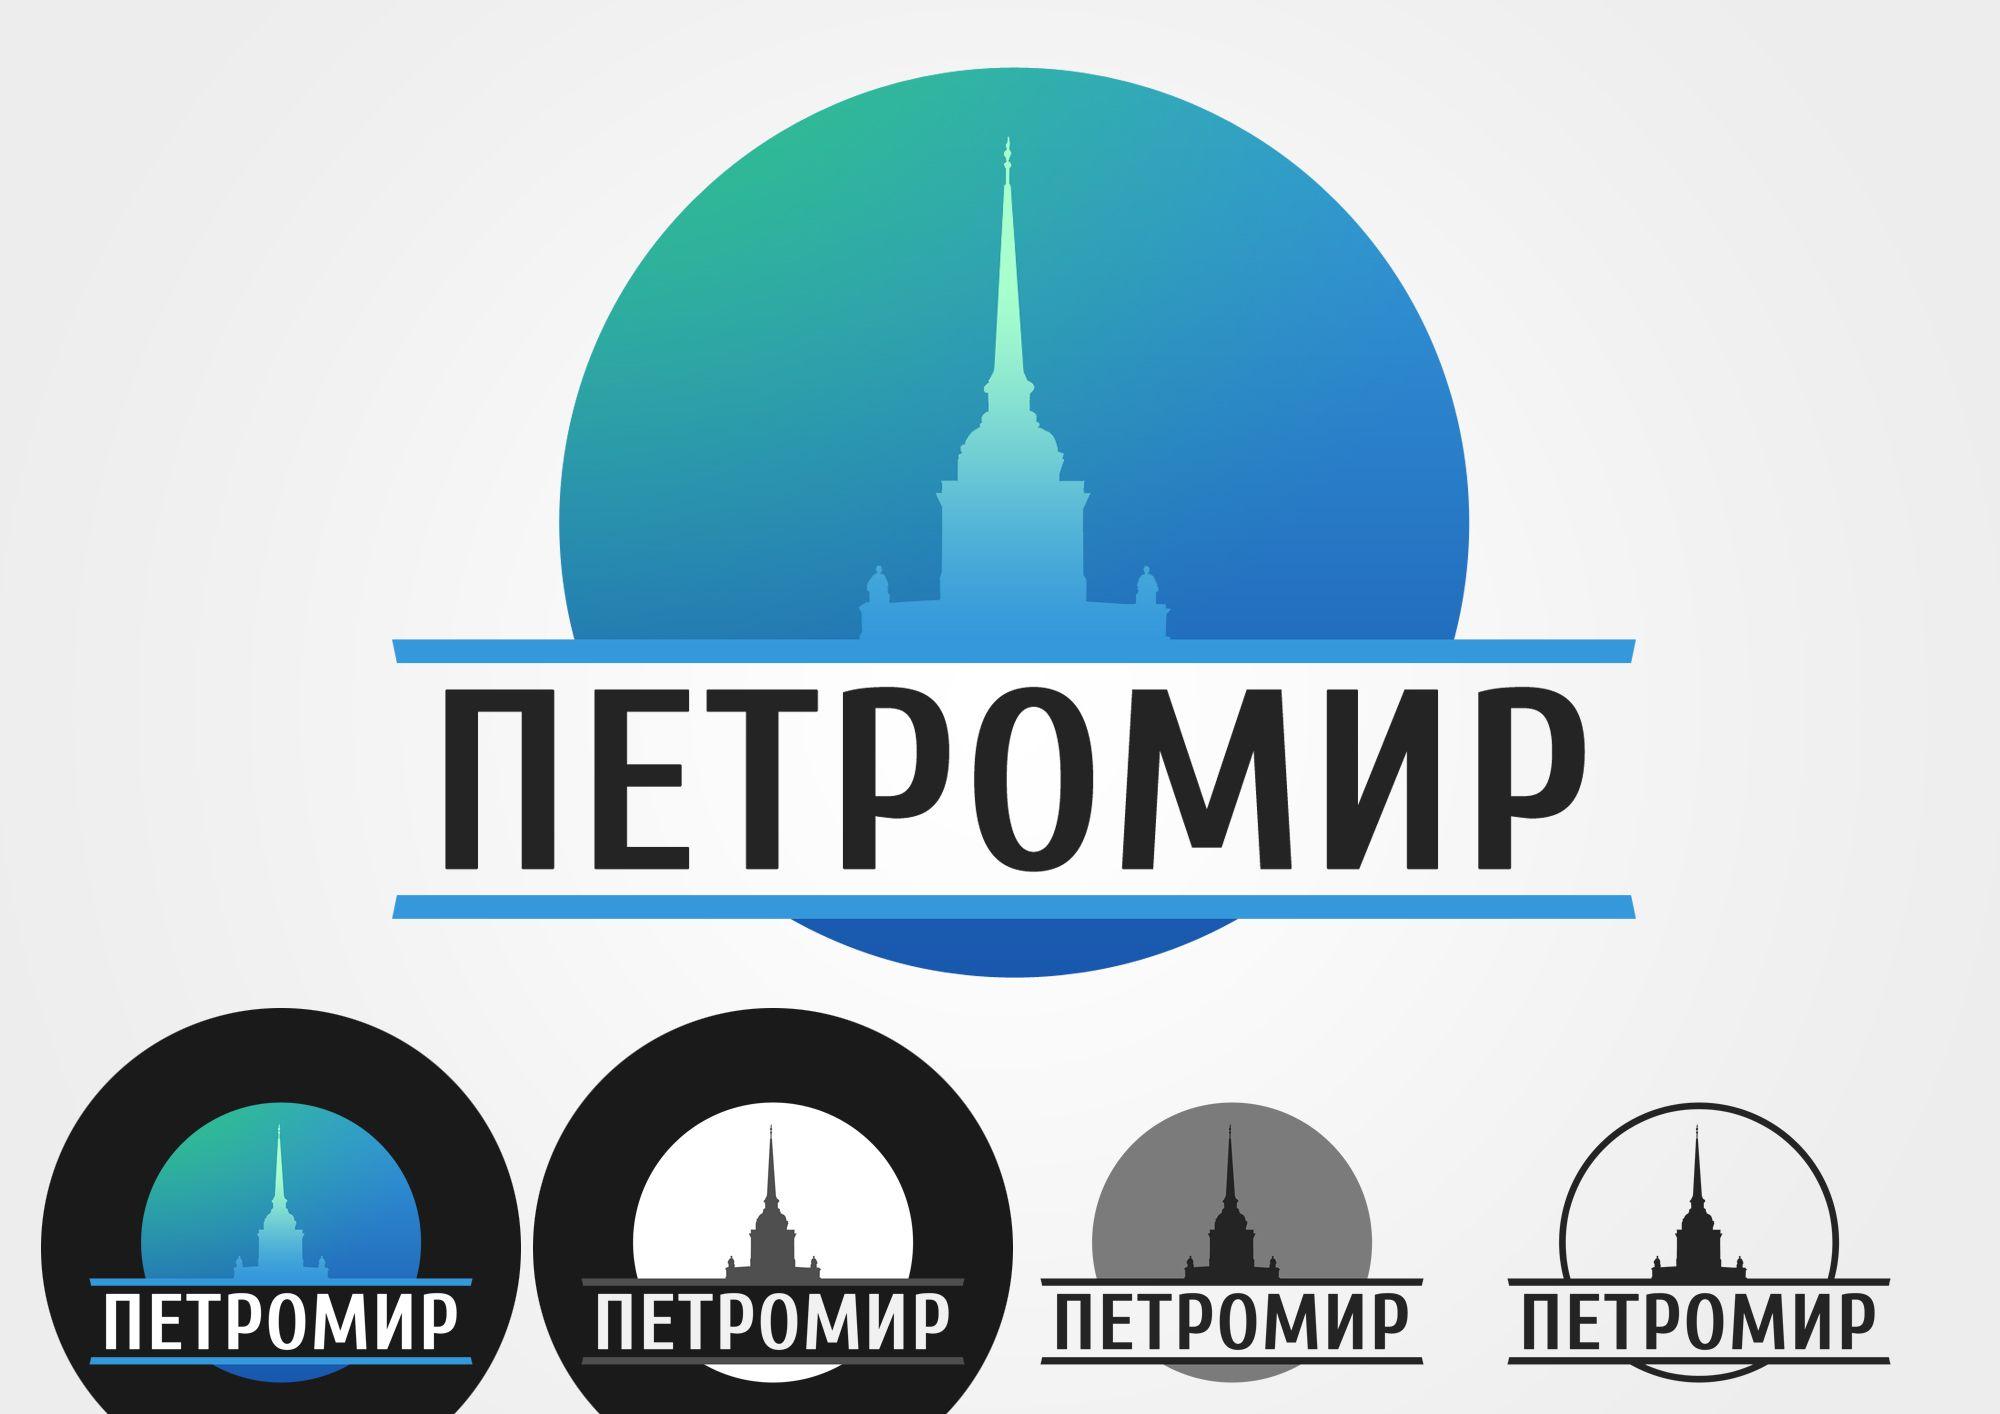 Разработка логотипа - дизайнер DmitryMikhailov